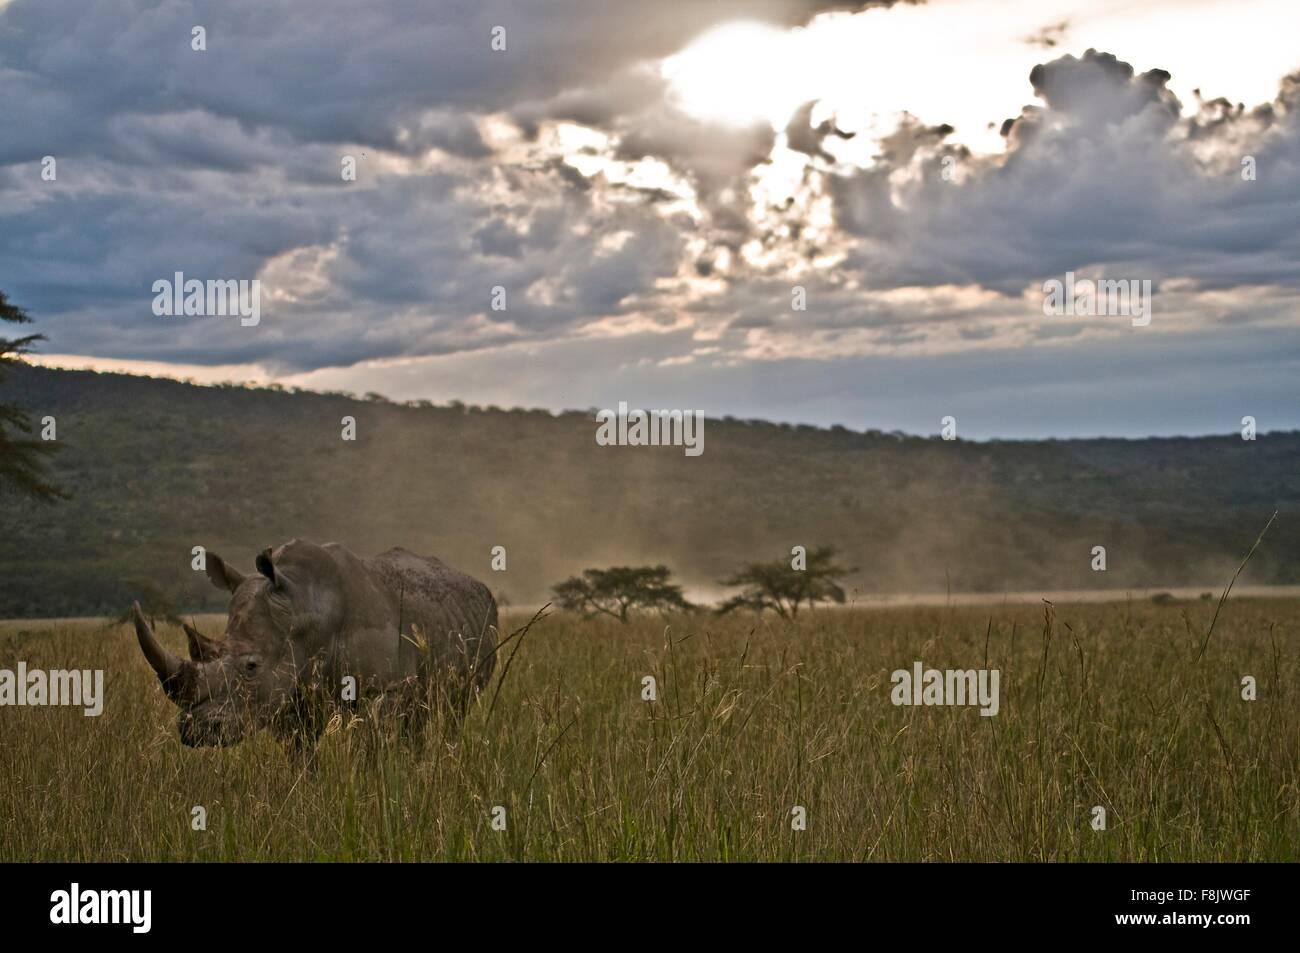 Rhino amongst long grass at dusk, Lake Nakuru, Kenya - Stock Image